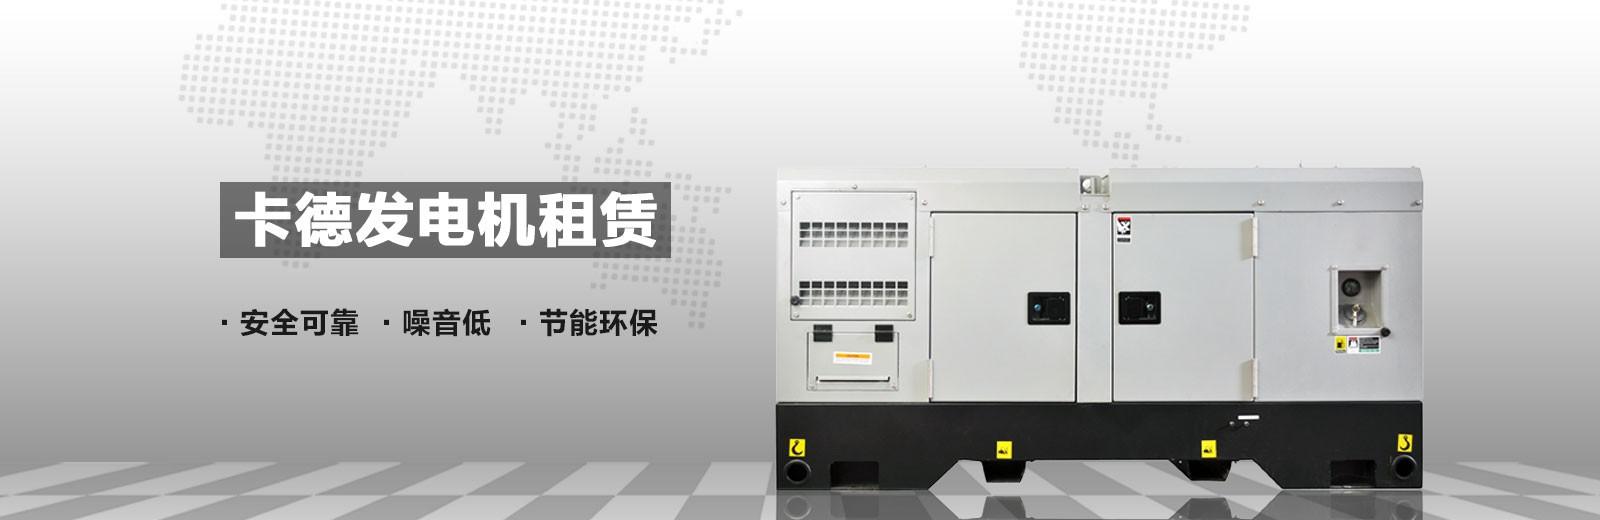 四川卡德机电设备亚博体育手机app下载有限公司